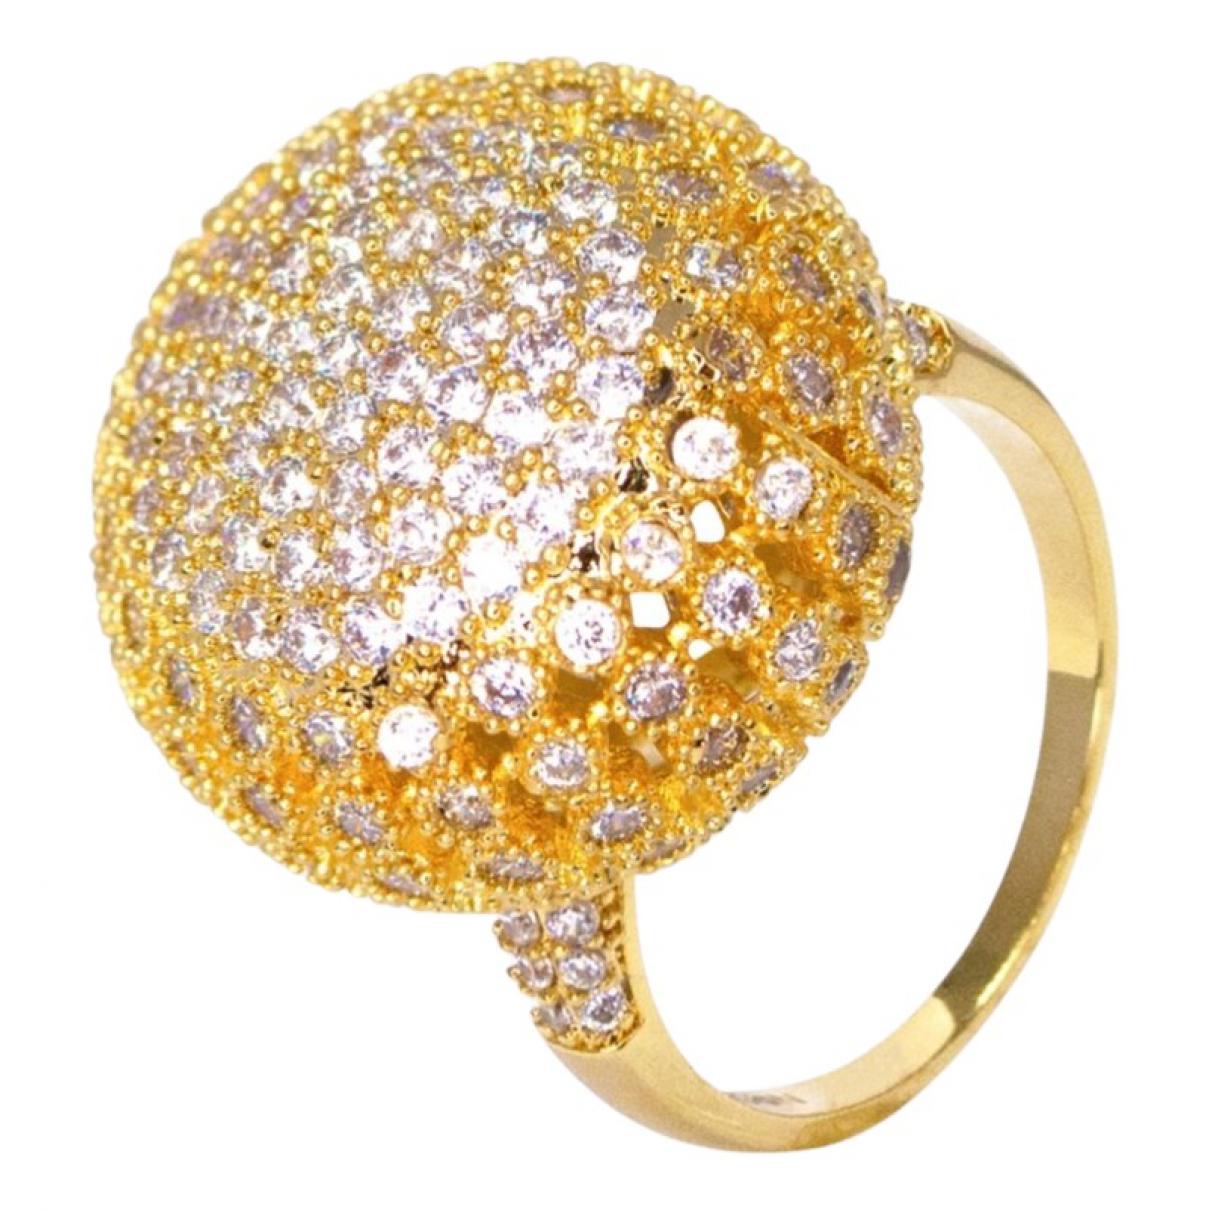 Thot Gioielli - Bague   pour femme en plaque or - dore